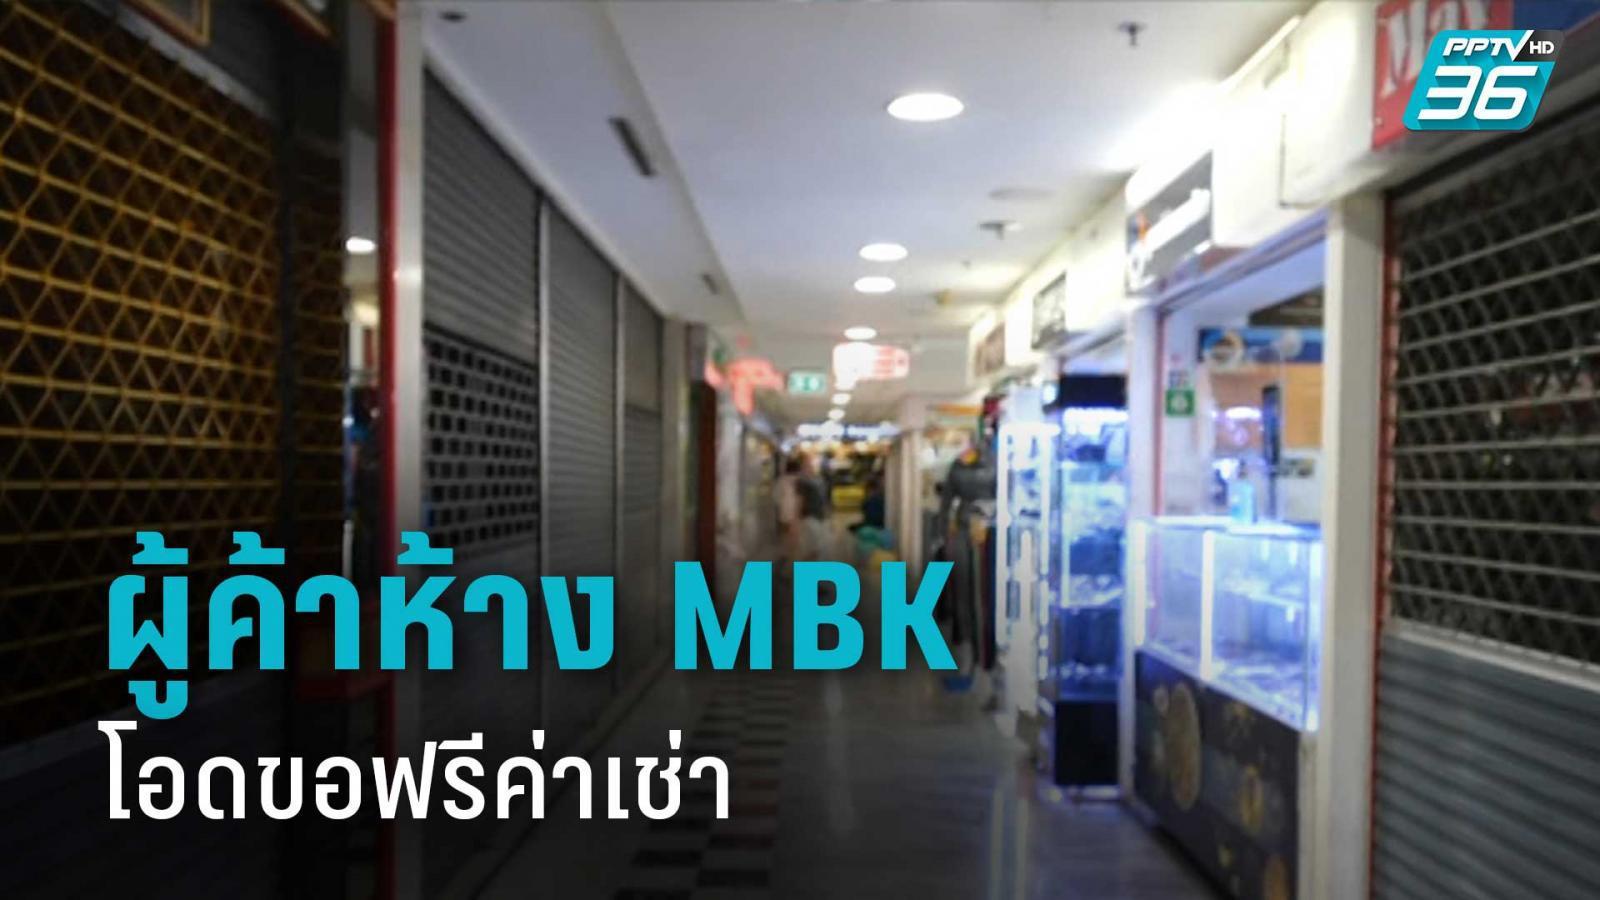 ผู้ค้าห้าง MBK โอดขอฟรีค่าเช่า พิษโควิด-19 ไม่มีลูกค้า